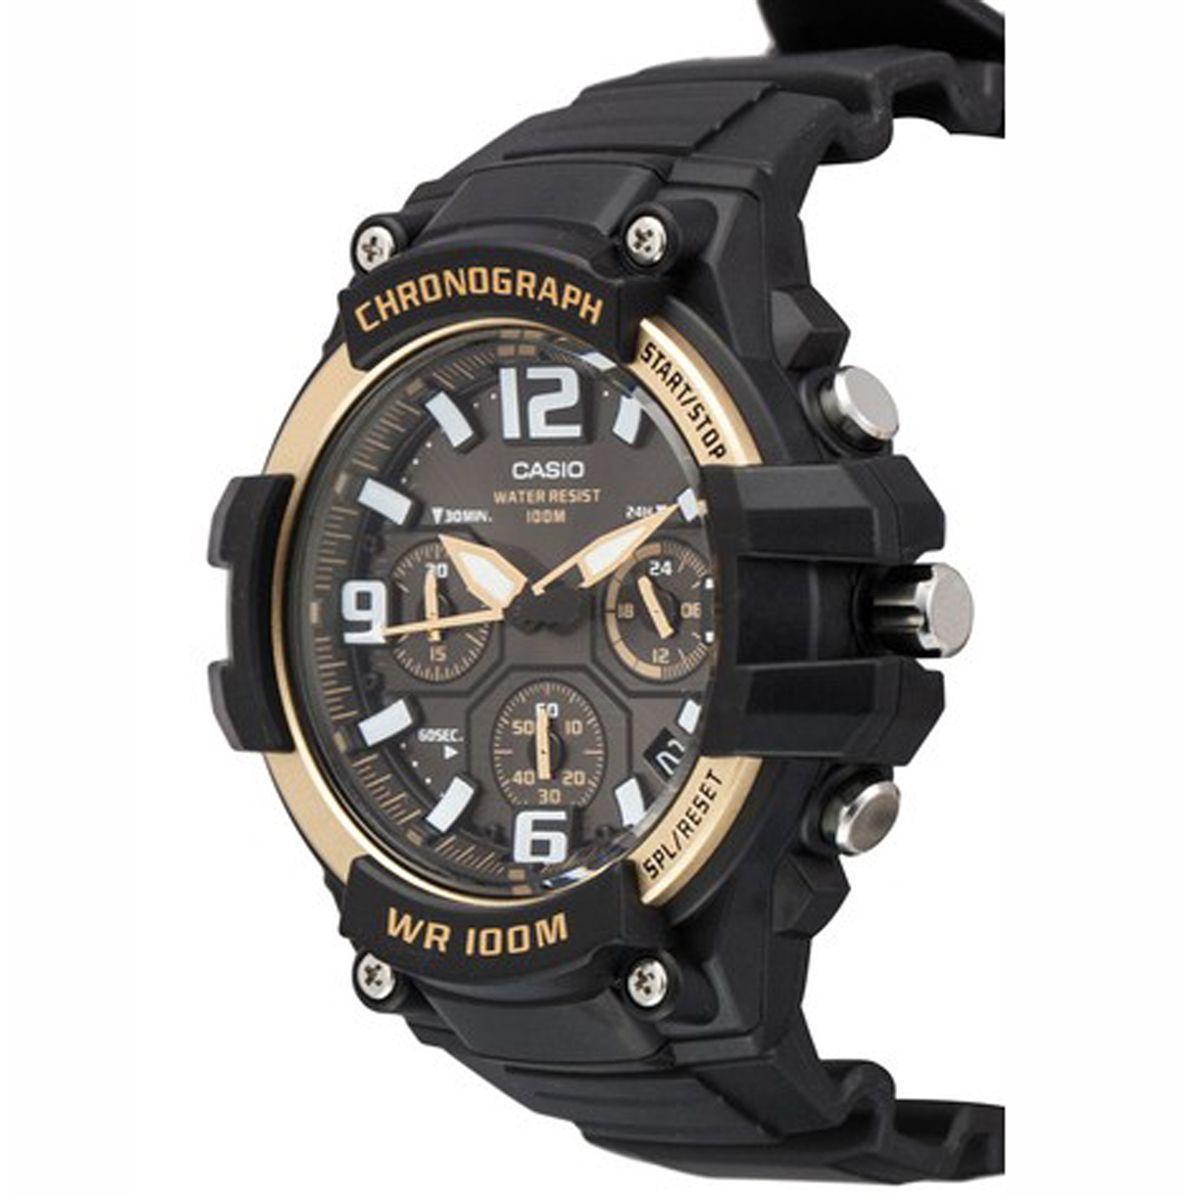 e3e5f93d053 Relógio Casio Analógico Chronograph Masculino MCW-100H-9A2VDF R  462